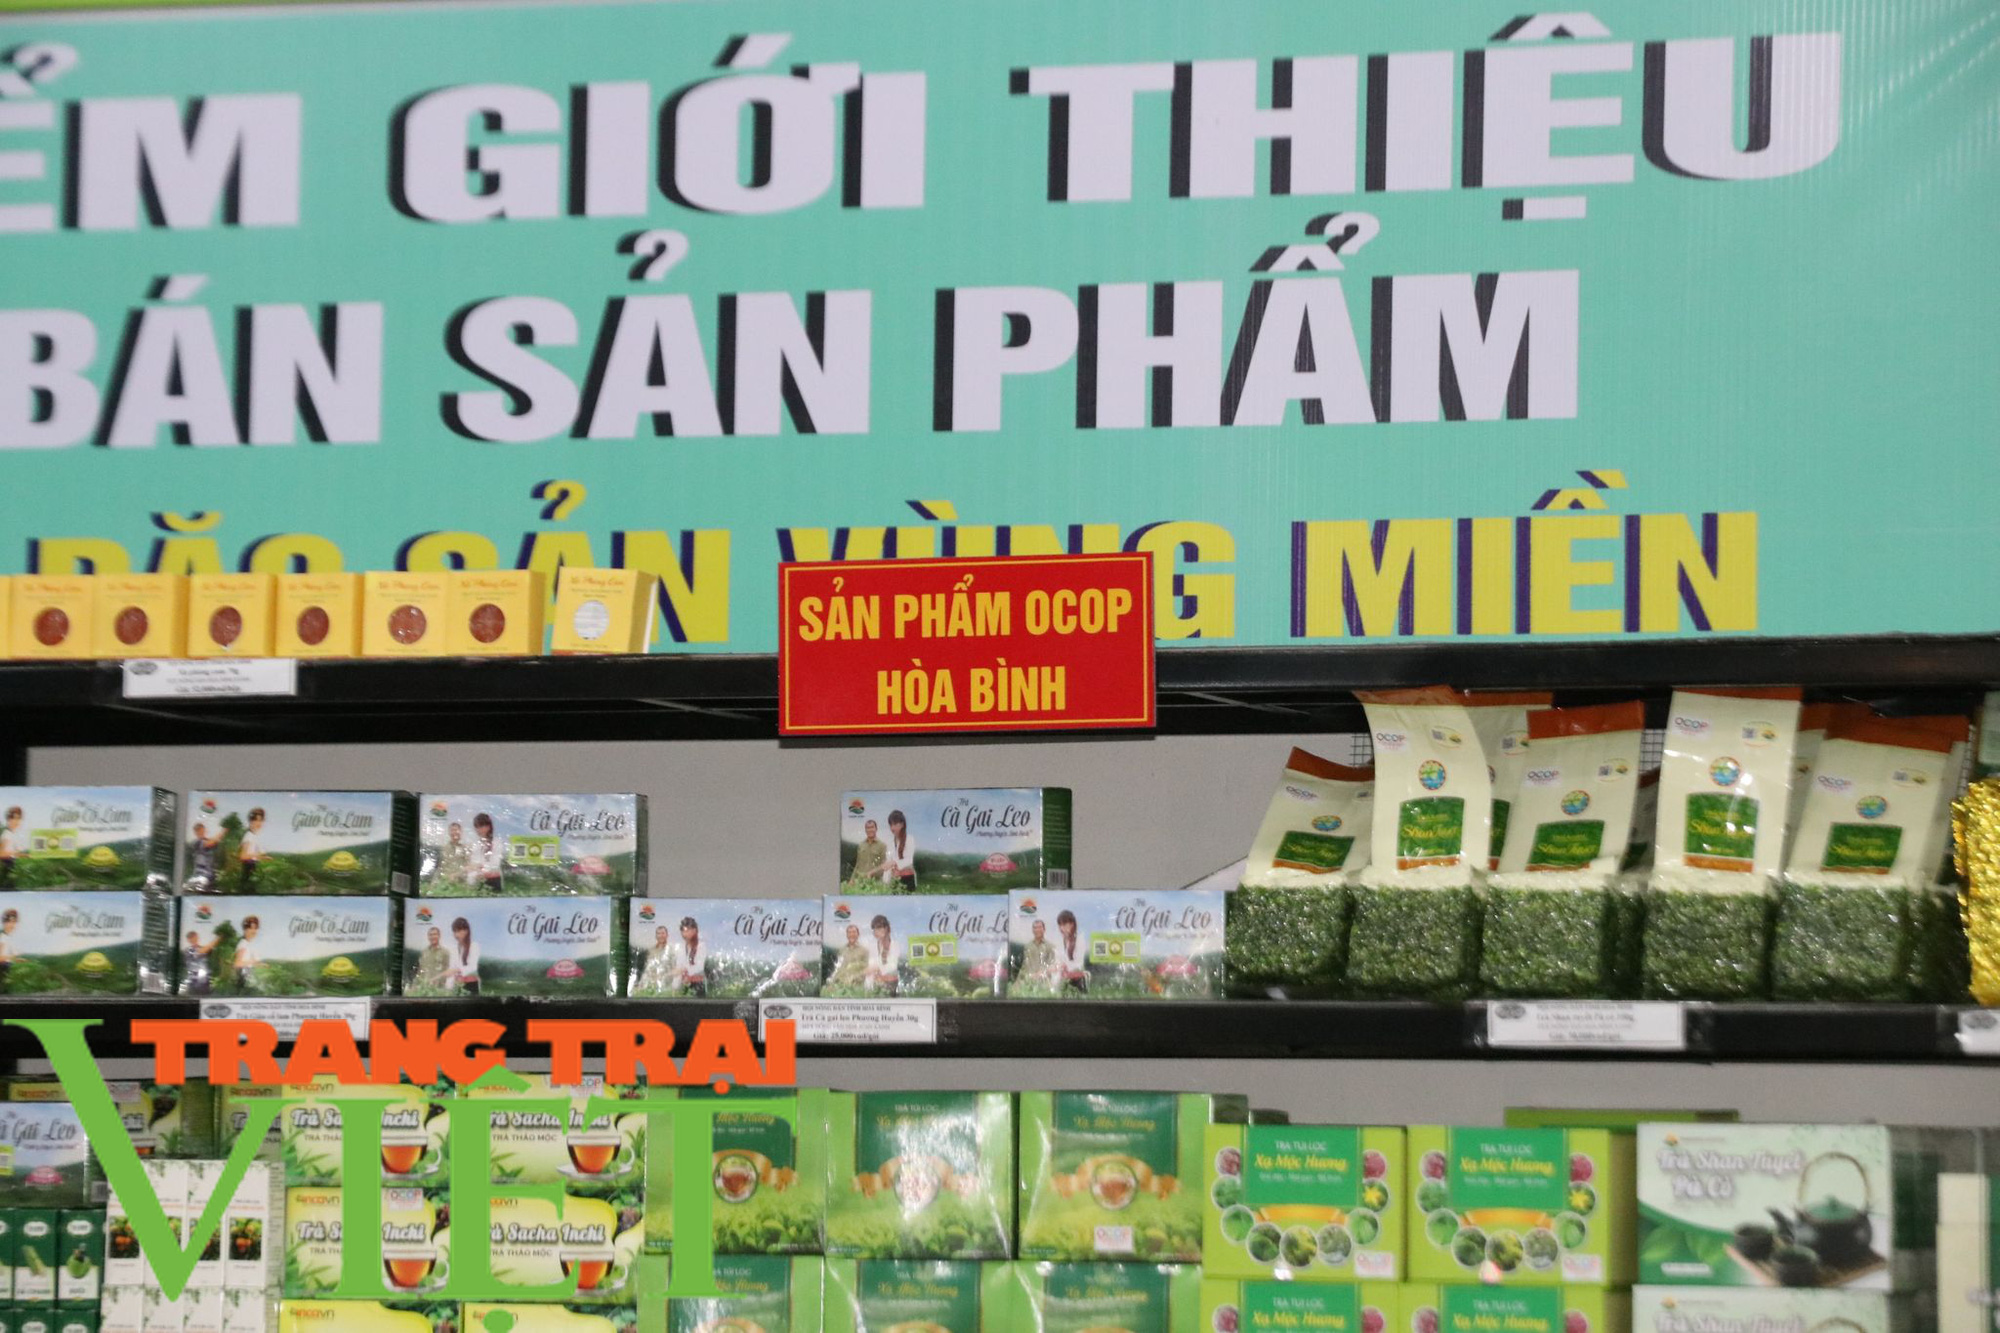 Gần 3,8 vạn nông dân tỉnh Hòa Bình đạt danh hiệu sản xuất, kinh doanh giỏi - Ảnh 7.